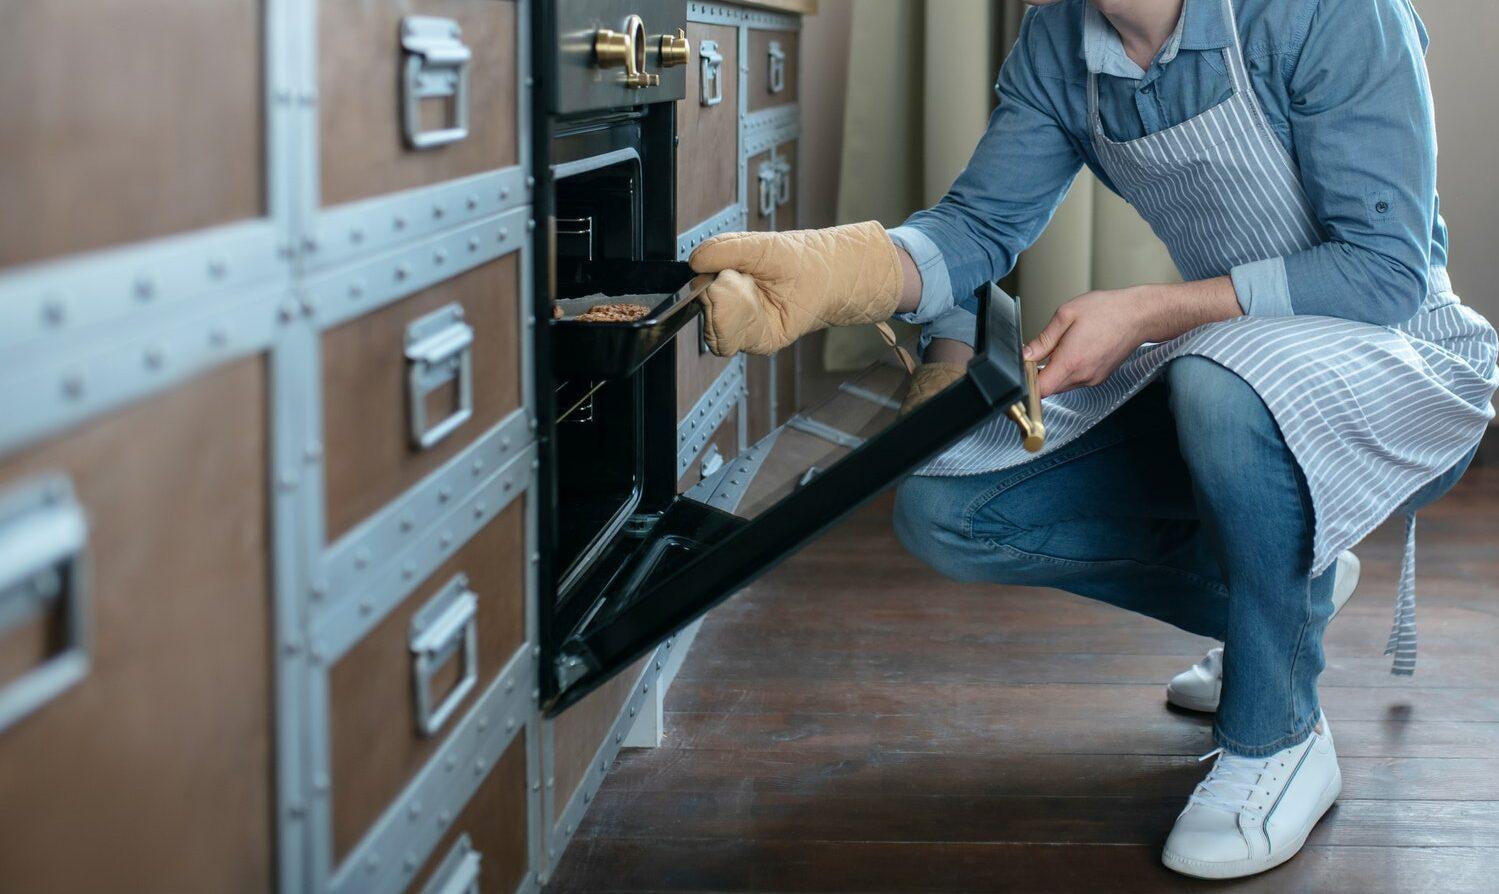 Hvorfor sker en kortslutning afkomfur eller ovn? Læs her hvis din ovn, dine kogeplader eller komfur kortsluttes - Ring til en autoriseret elektriker